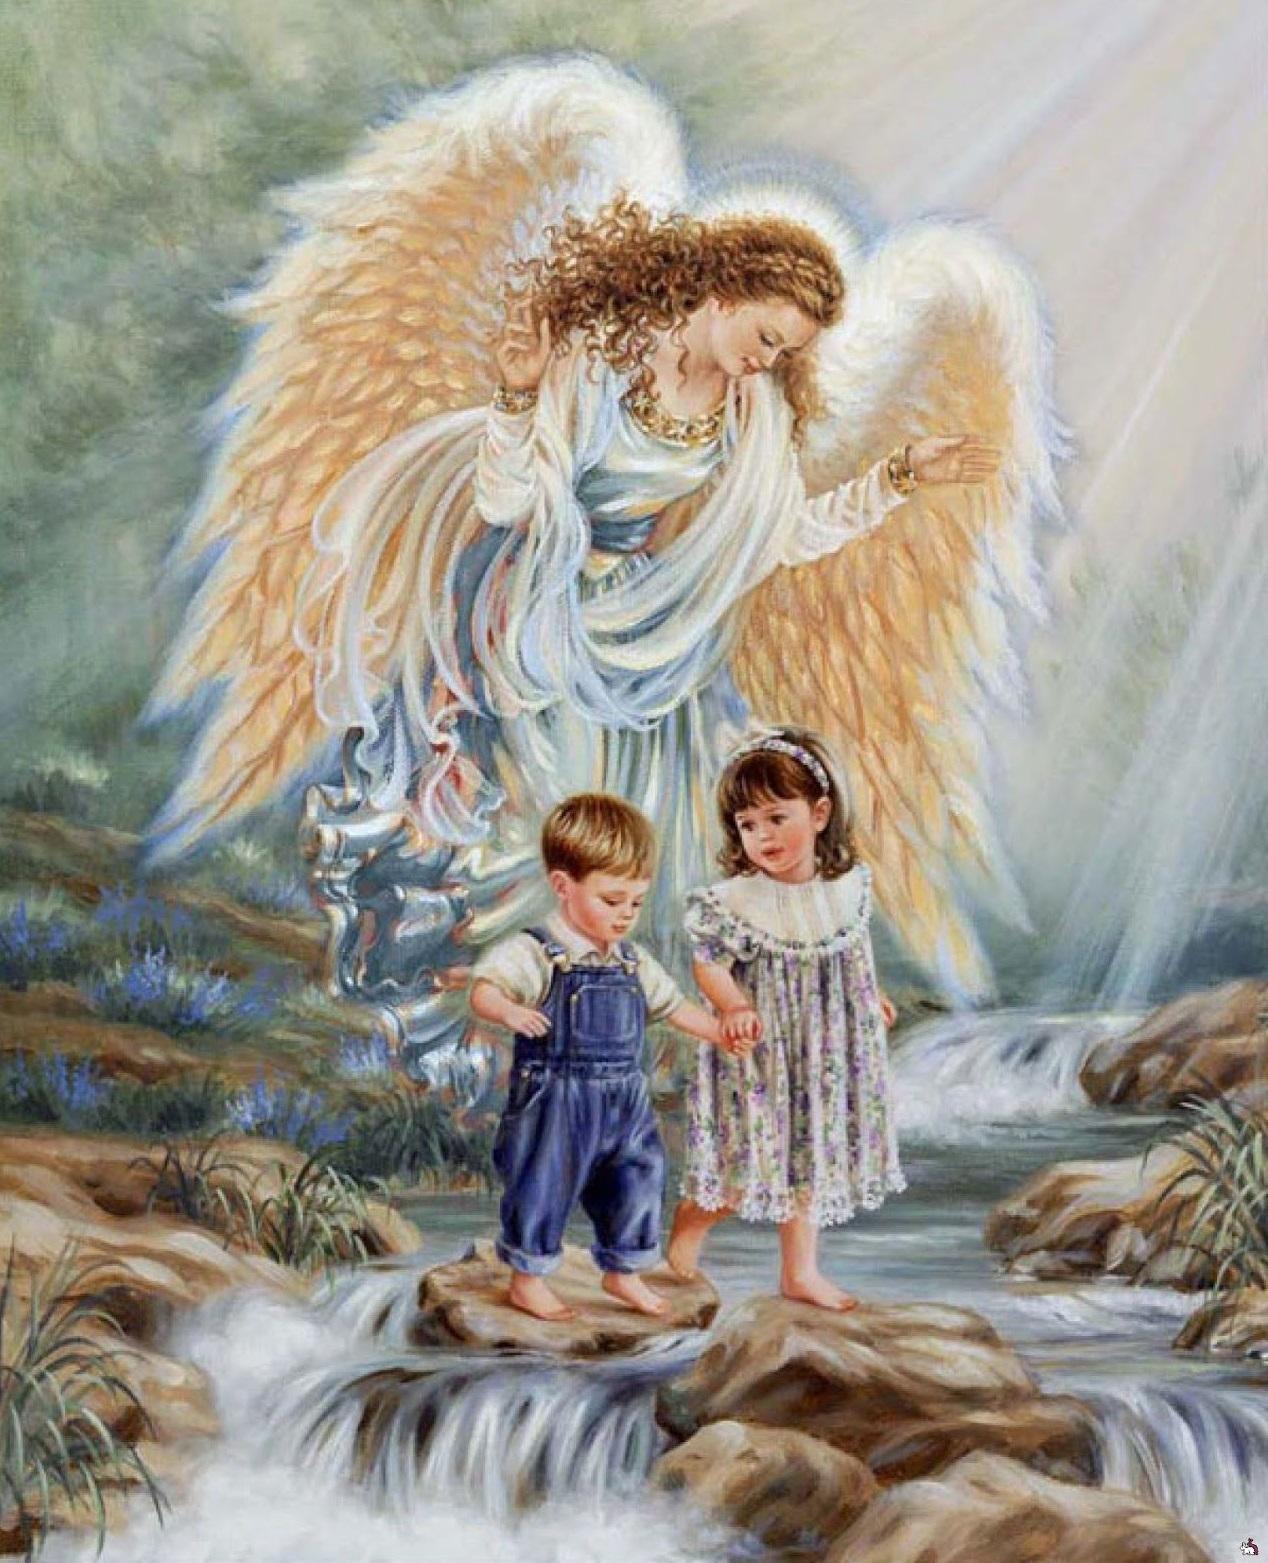 ждут интересные какие бывают ангелы хранители фото отвечаю вам исходя